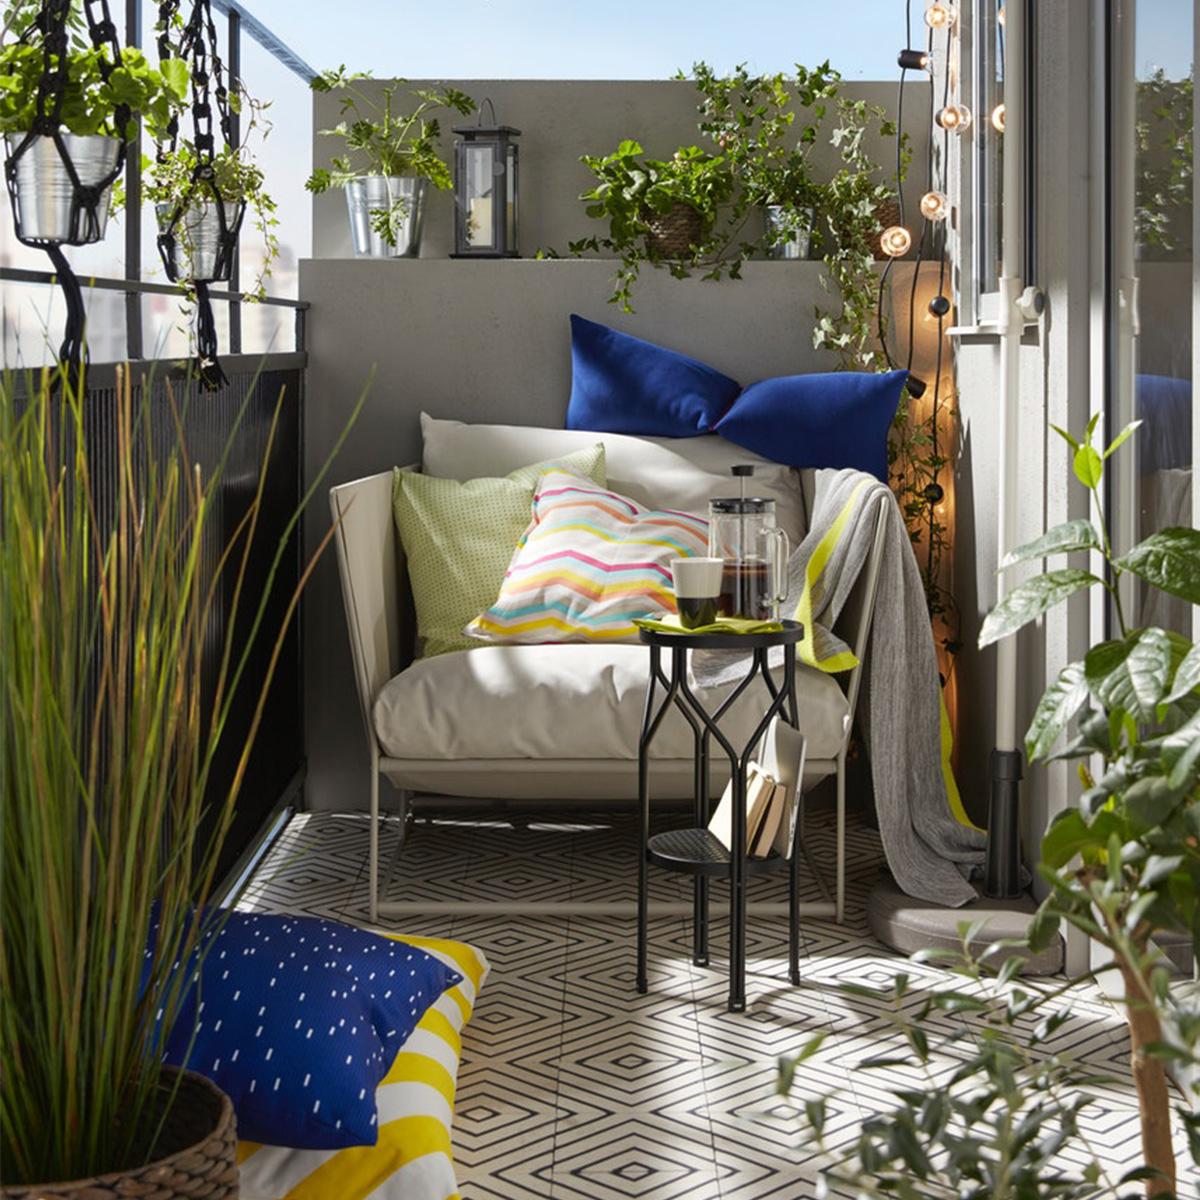 Petit Salon De Jardin Pour Balcon Luxe Idées Pour L ... encequiconcerne Ikea Meubles De Jardin